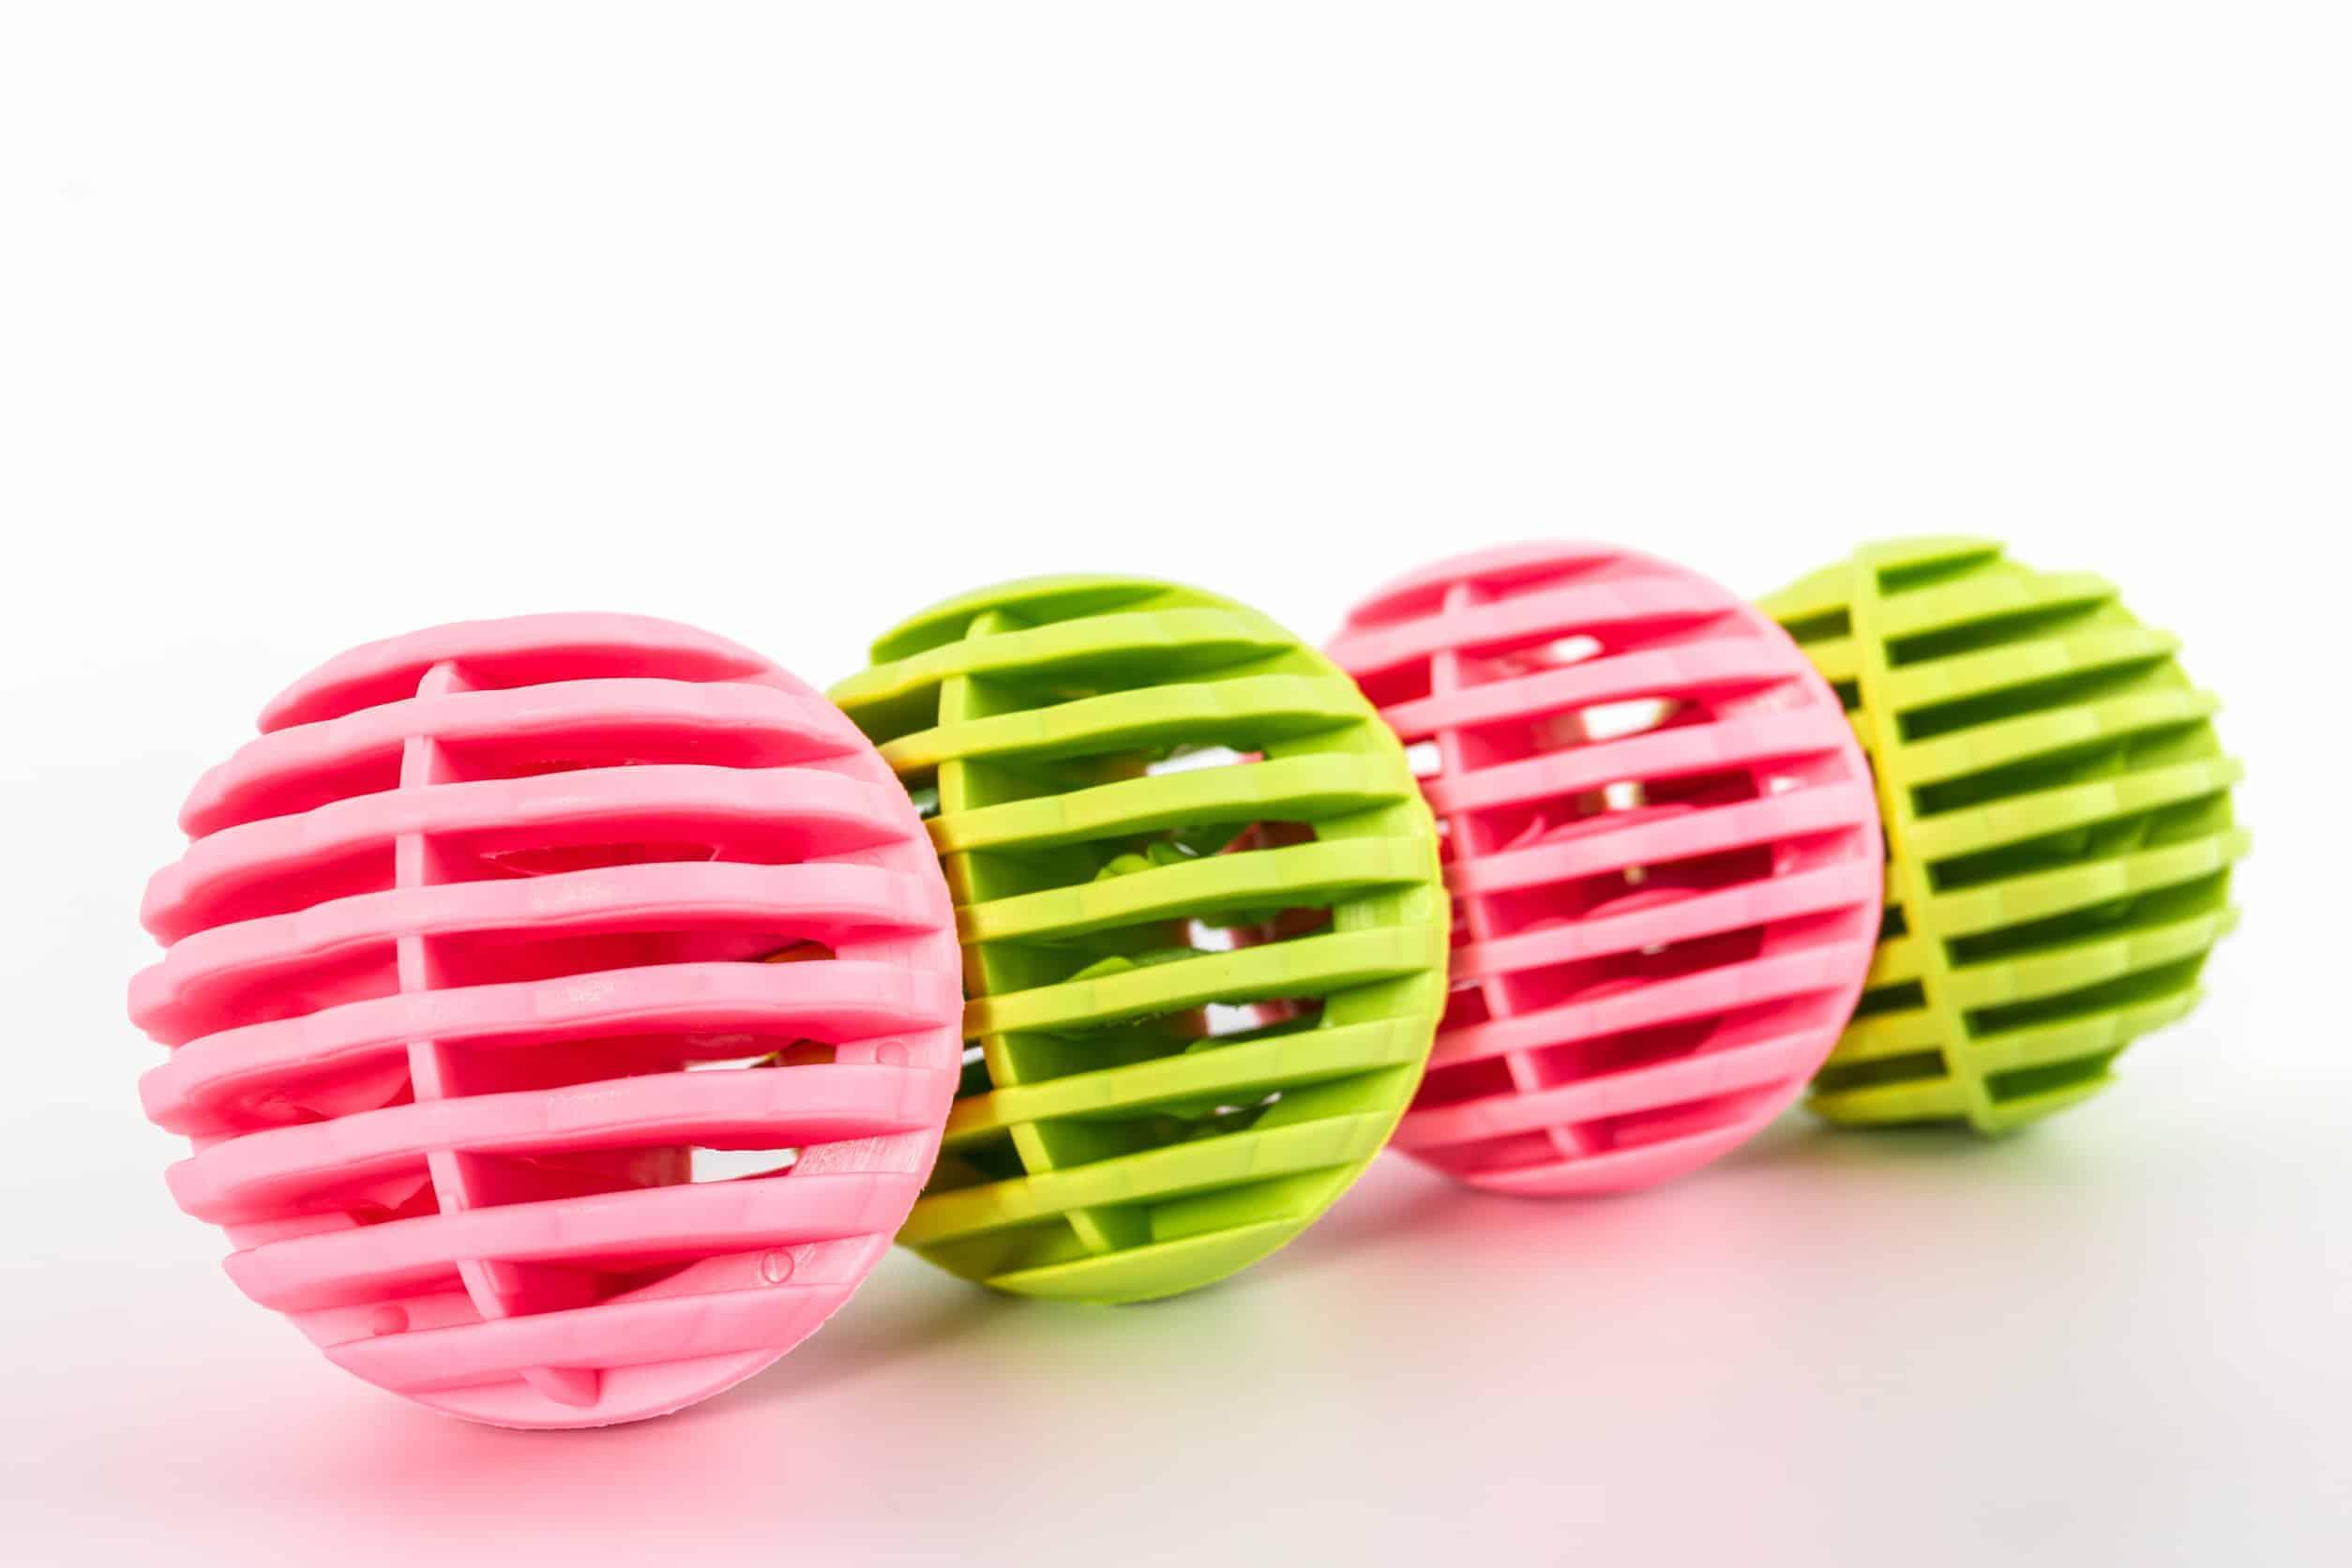 Trocknerbälle: Test & Empfehlungen (08/20)